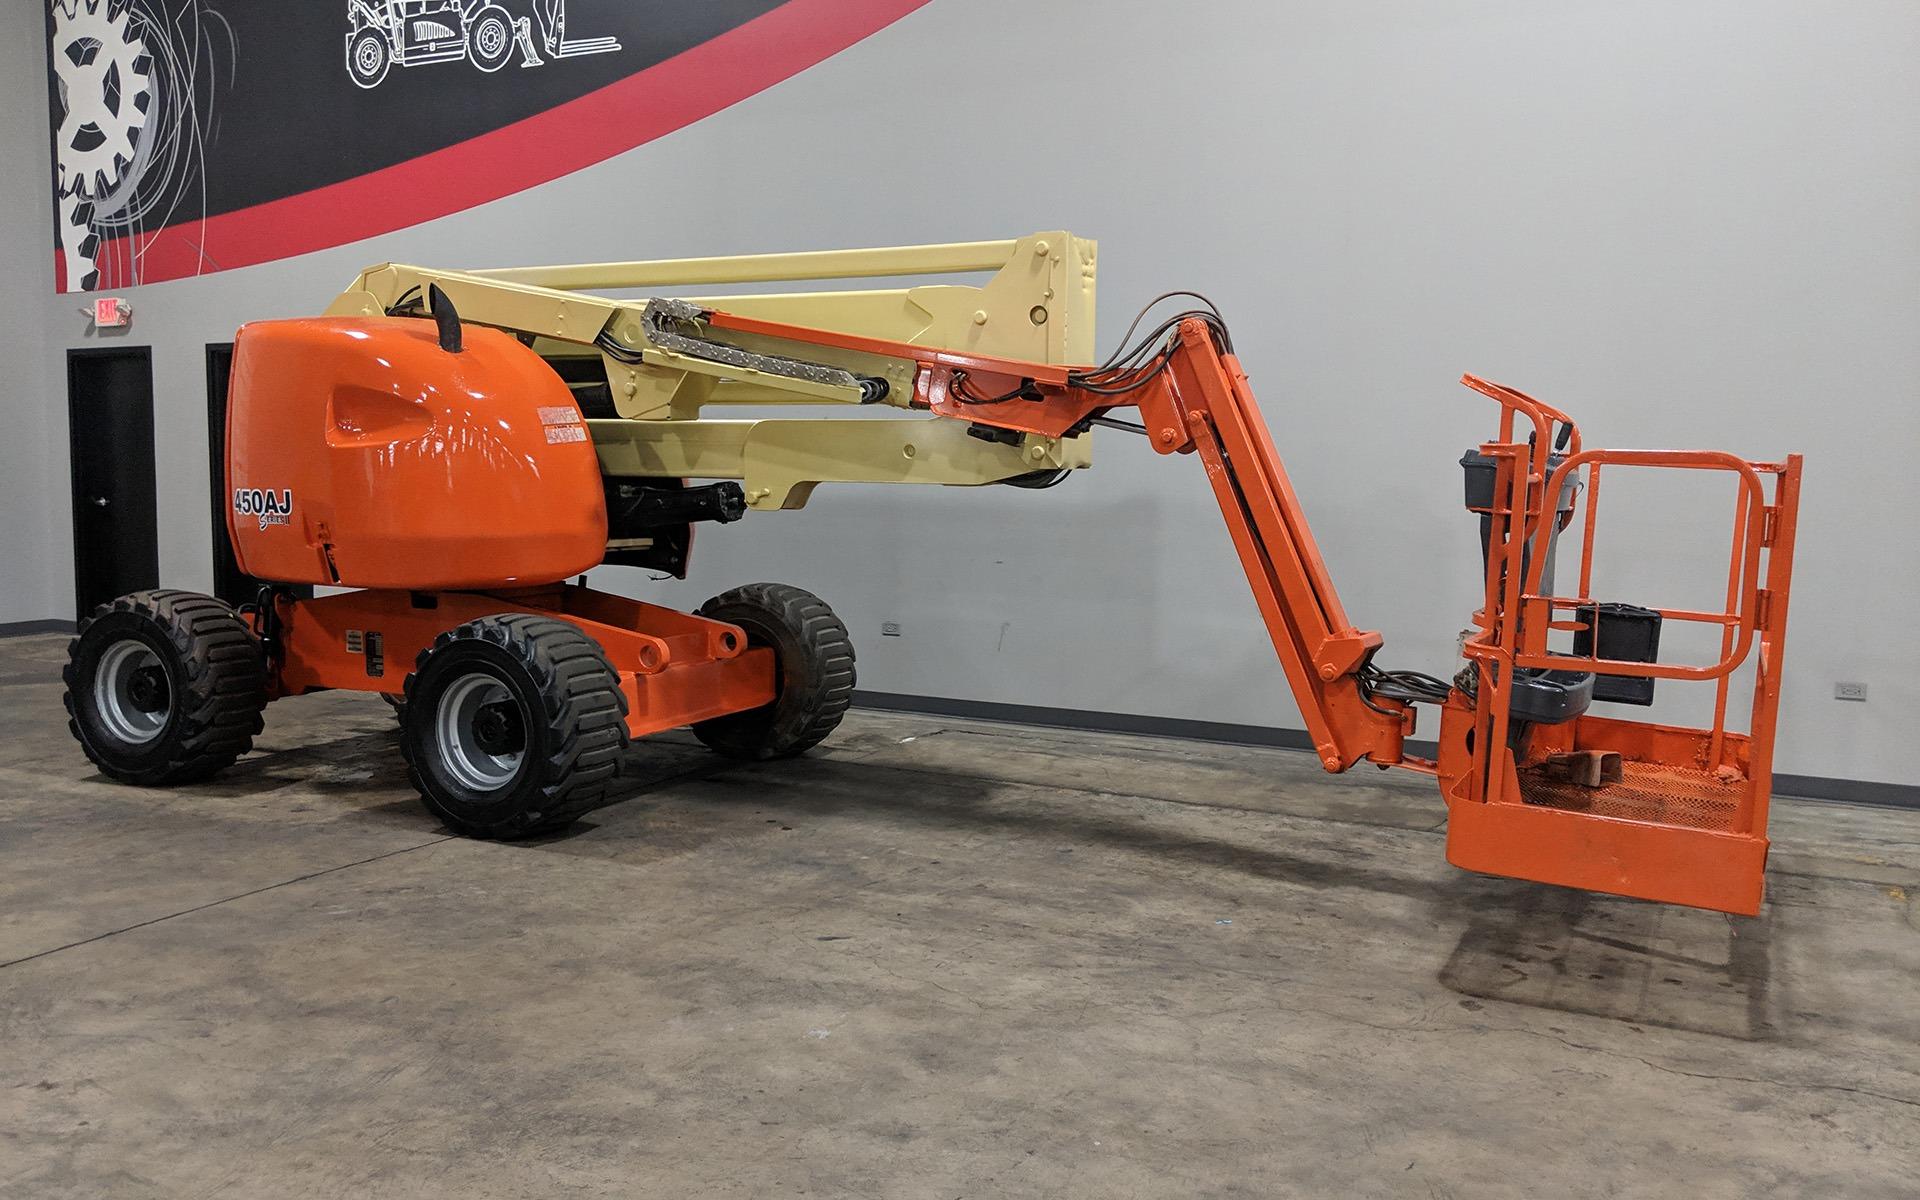 Used 2004 JLG 450AJ  | Cary, IL